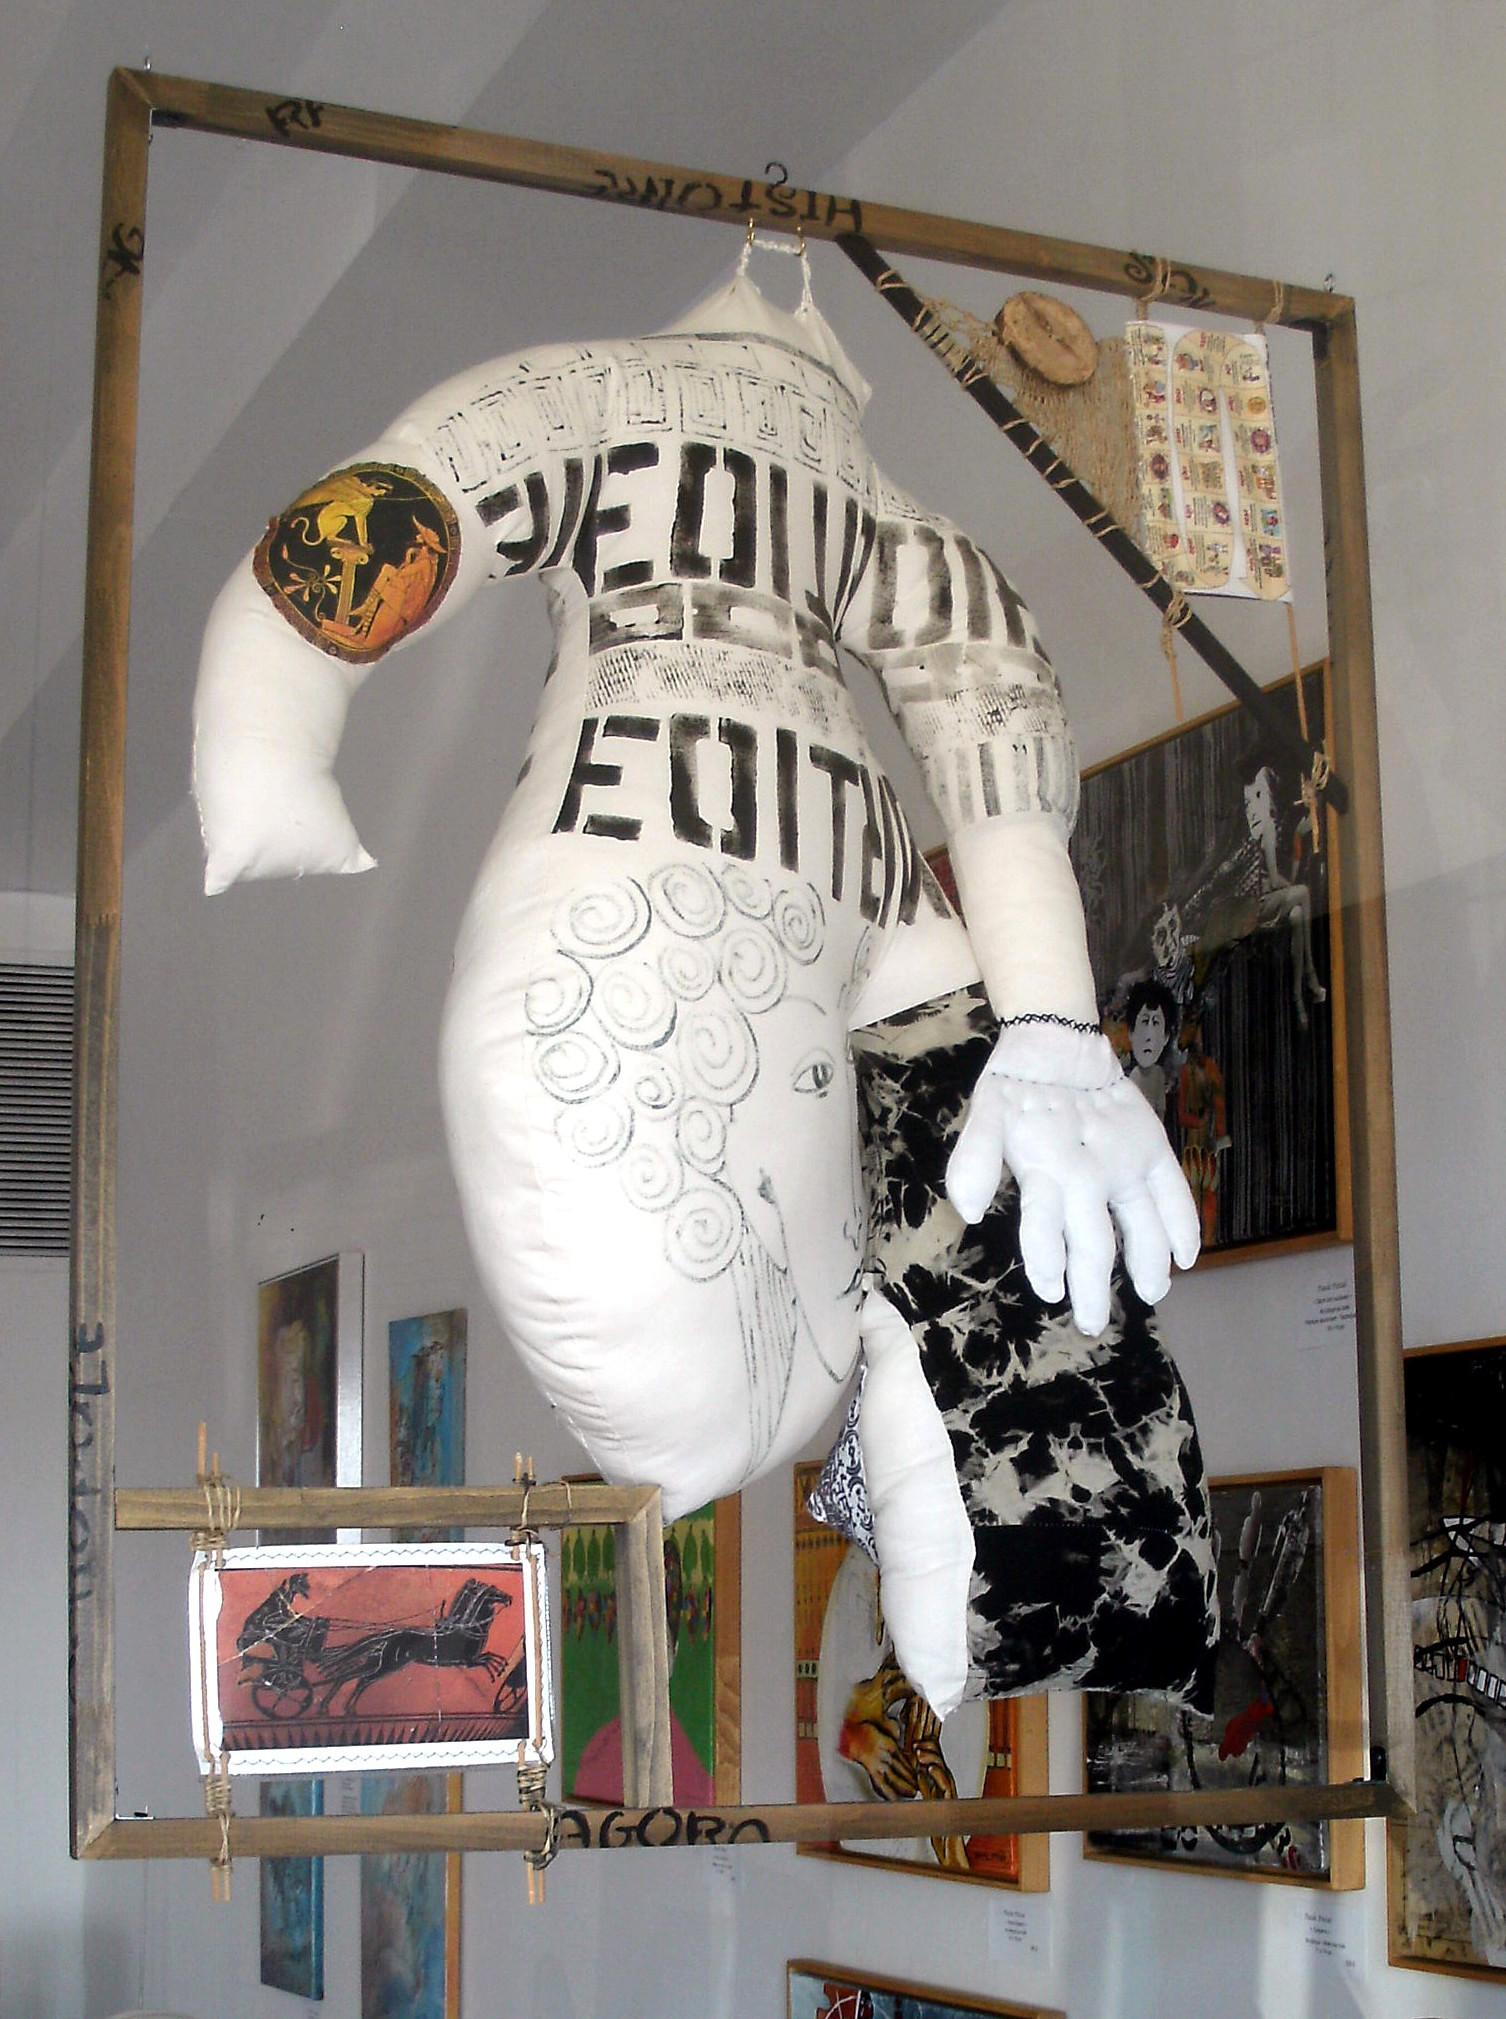 FRISSONNER POUR L'HISTOIRE DE L'ANTIQUITÉ, tissus, rembourrage de polyester, technique mixte, 36'' X 30'', 200,00$